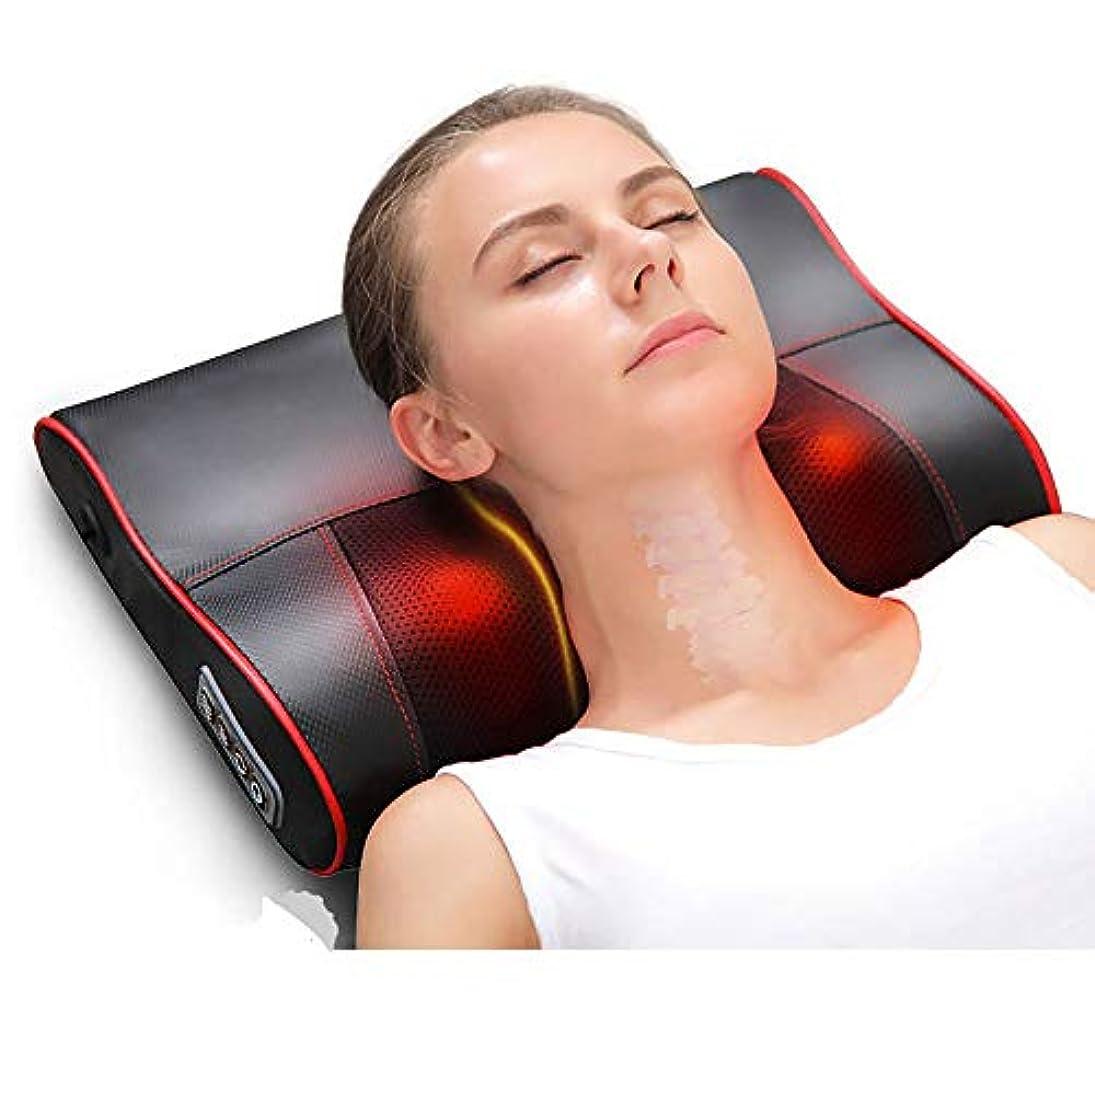 また明日ね持参平均首のマッサージの枕、多機能の電気マッサージャーの首のマッサージャーの背部首のマッサージの枕クッションのための背部ふくらはぎの足のフィートの暖房家/オフィス